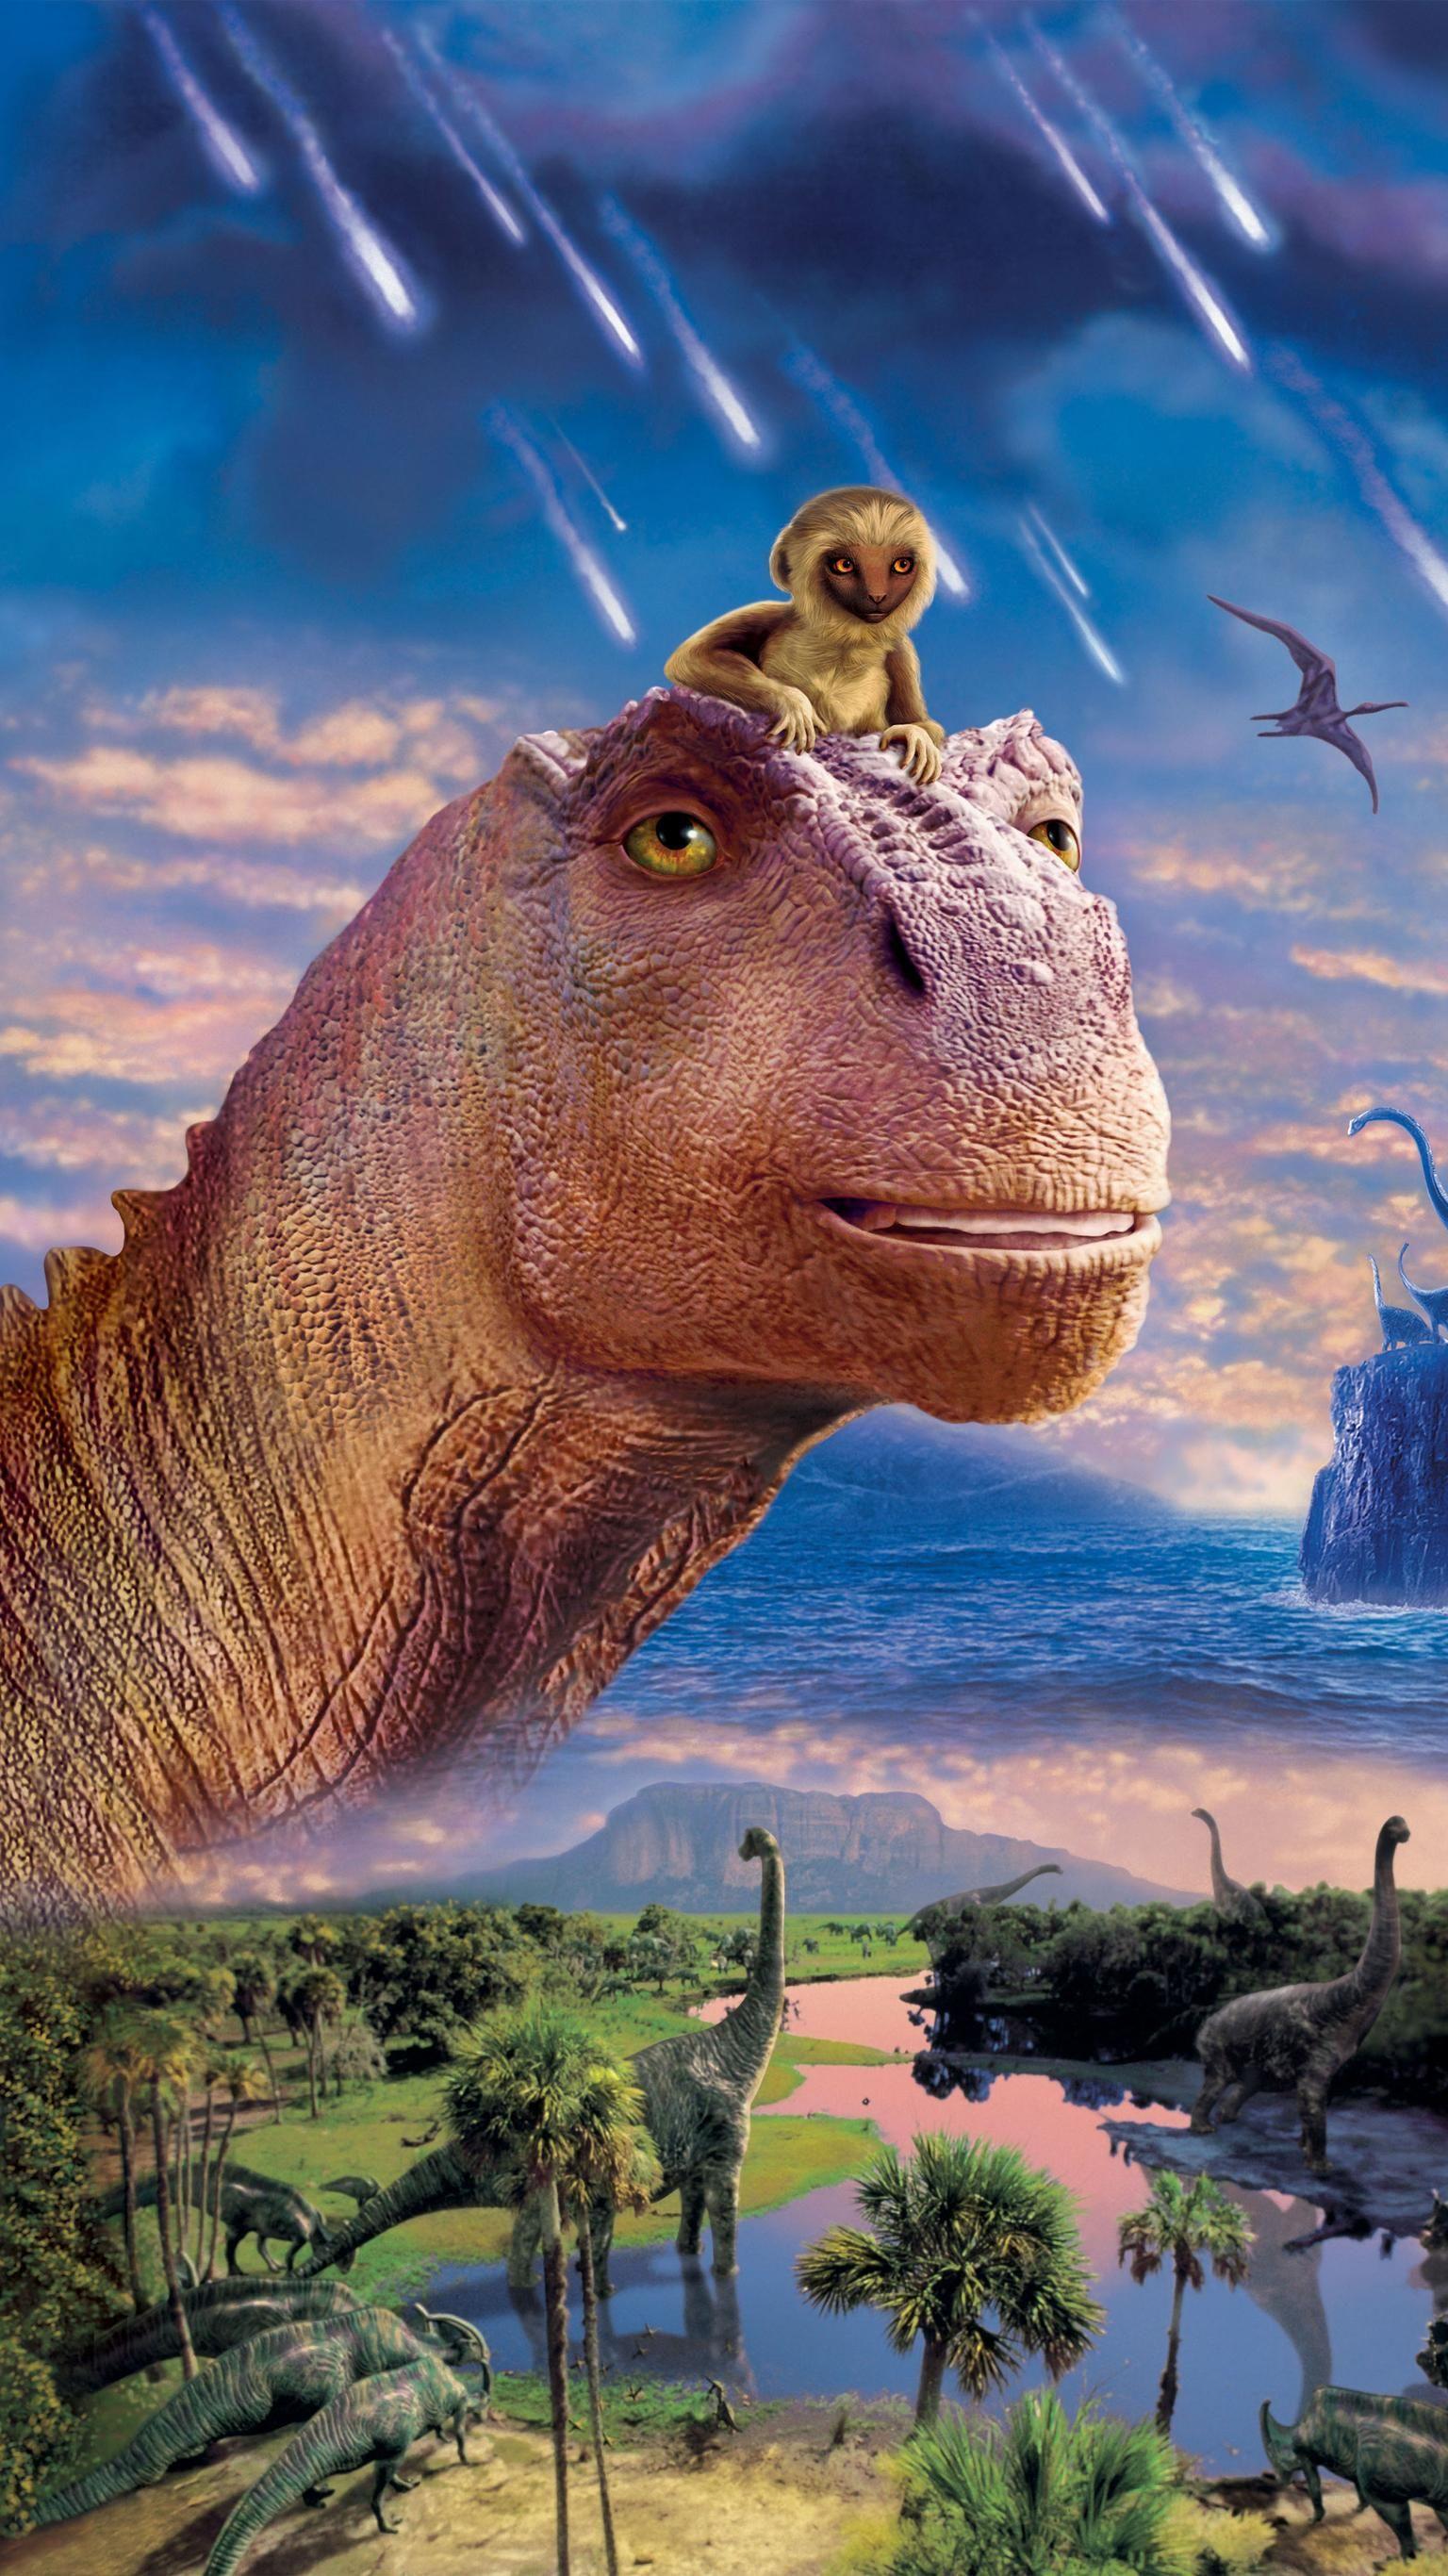 Dinosaur 2000 Phone Wallpaper Moviemania Dinosaur Movie Disney Dinosaur Dinosaur